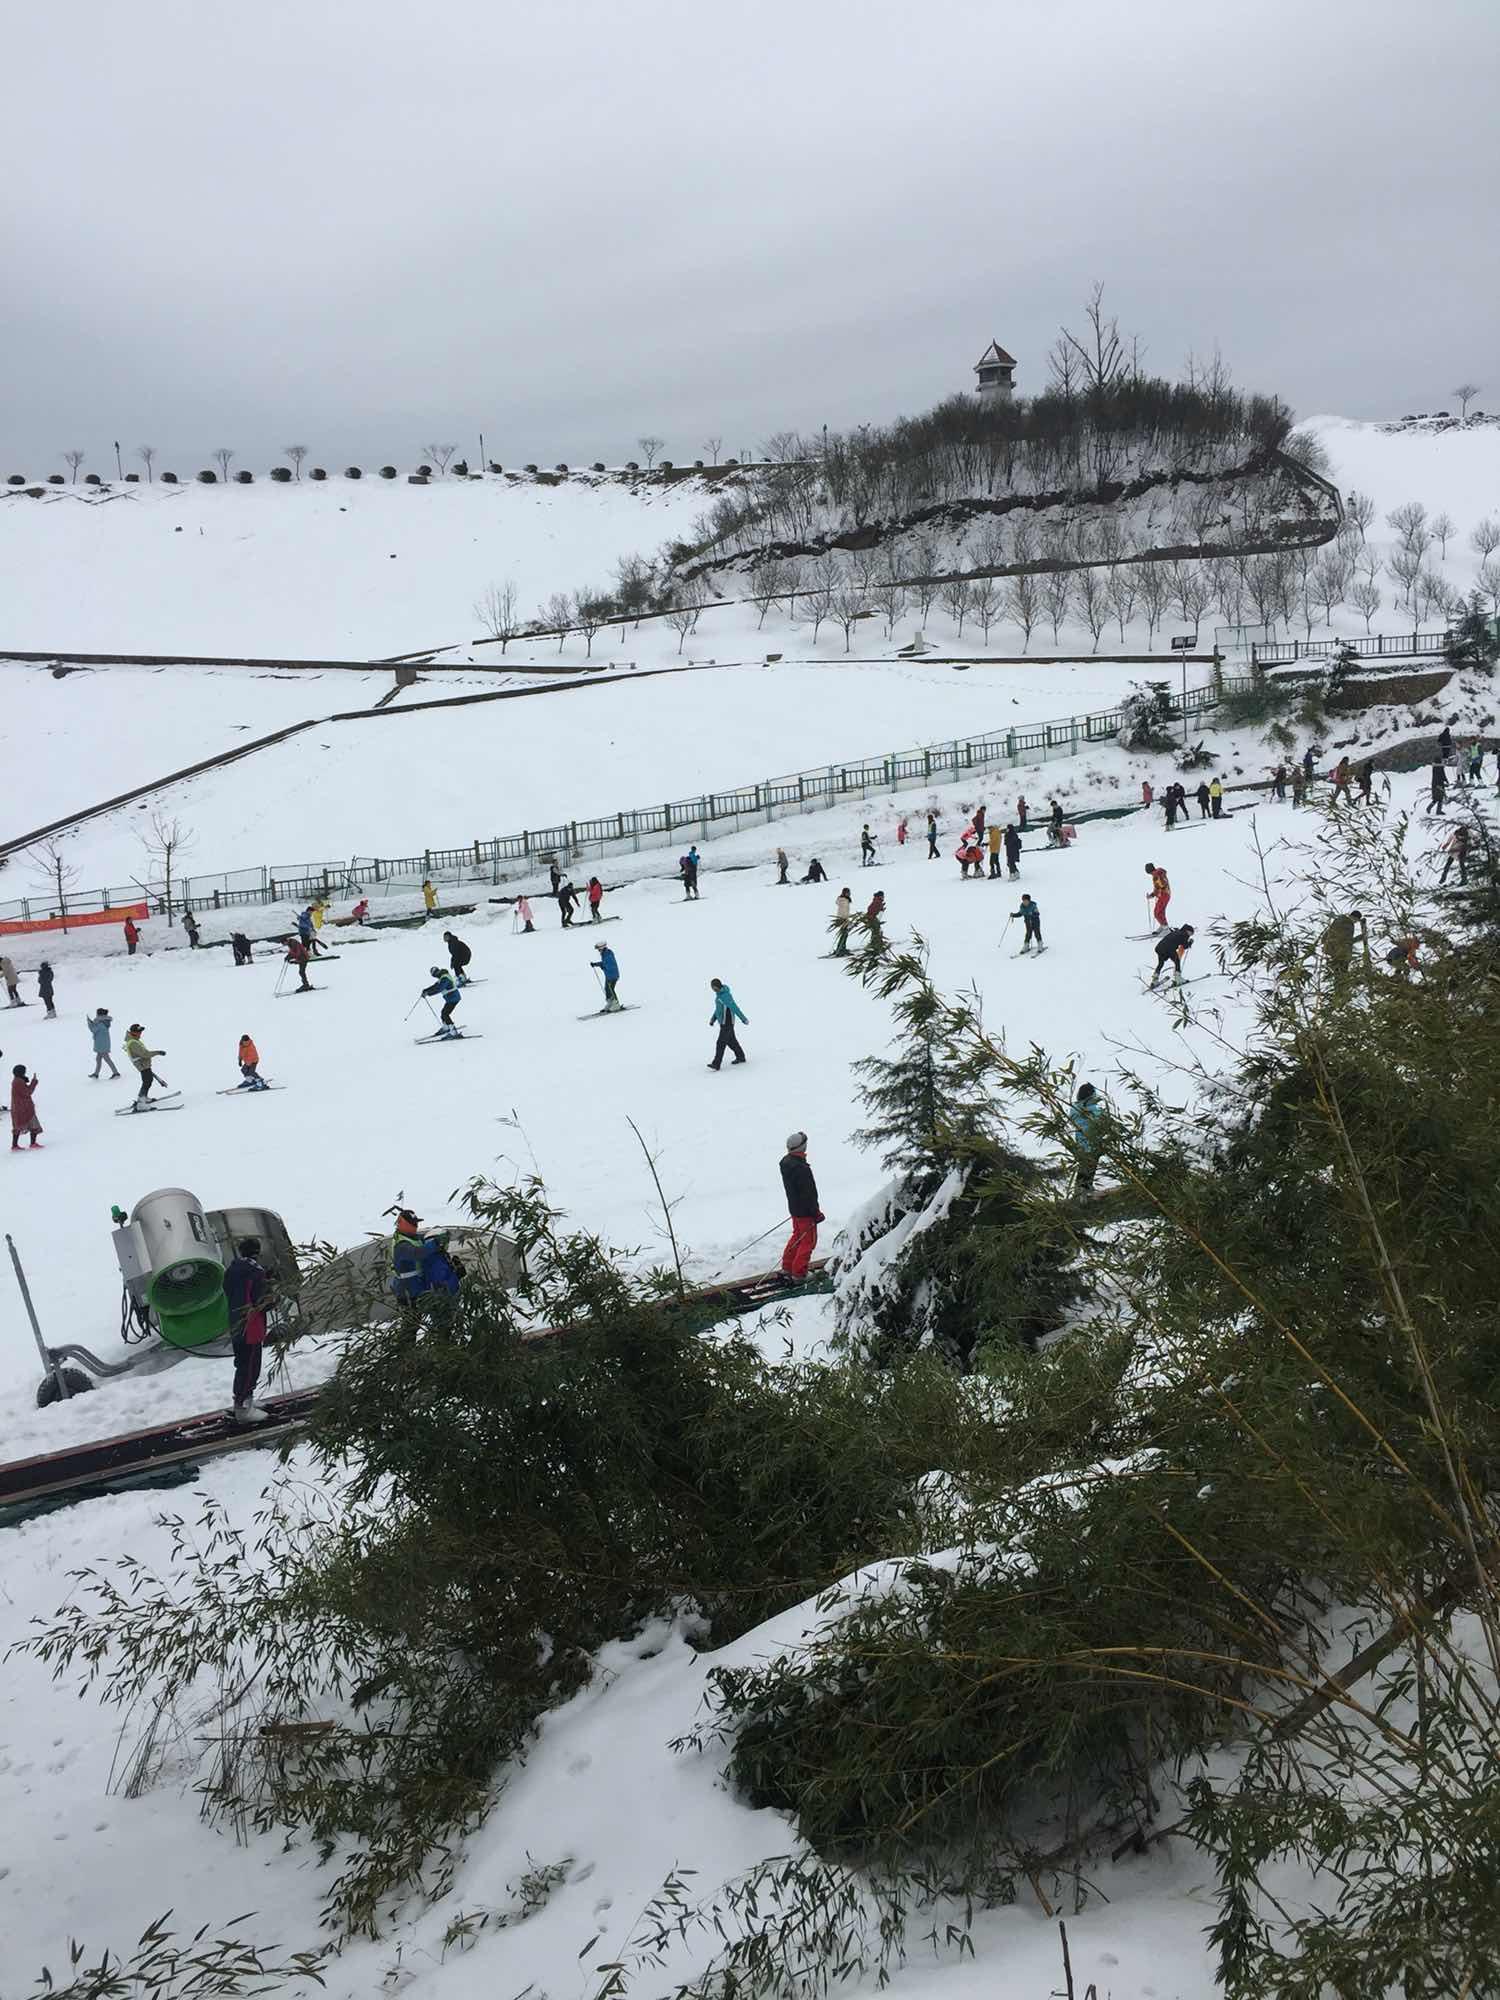 享江南天池高山滑雪,观江南天池风景区,赠送大年初一涌泉水疗城,图片